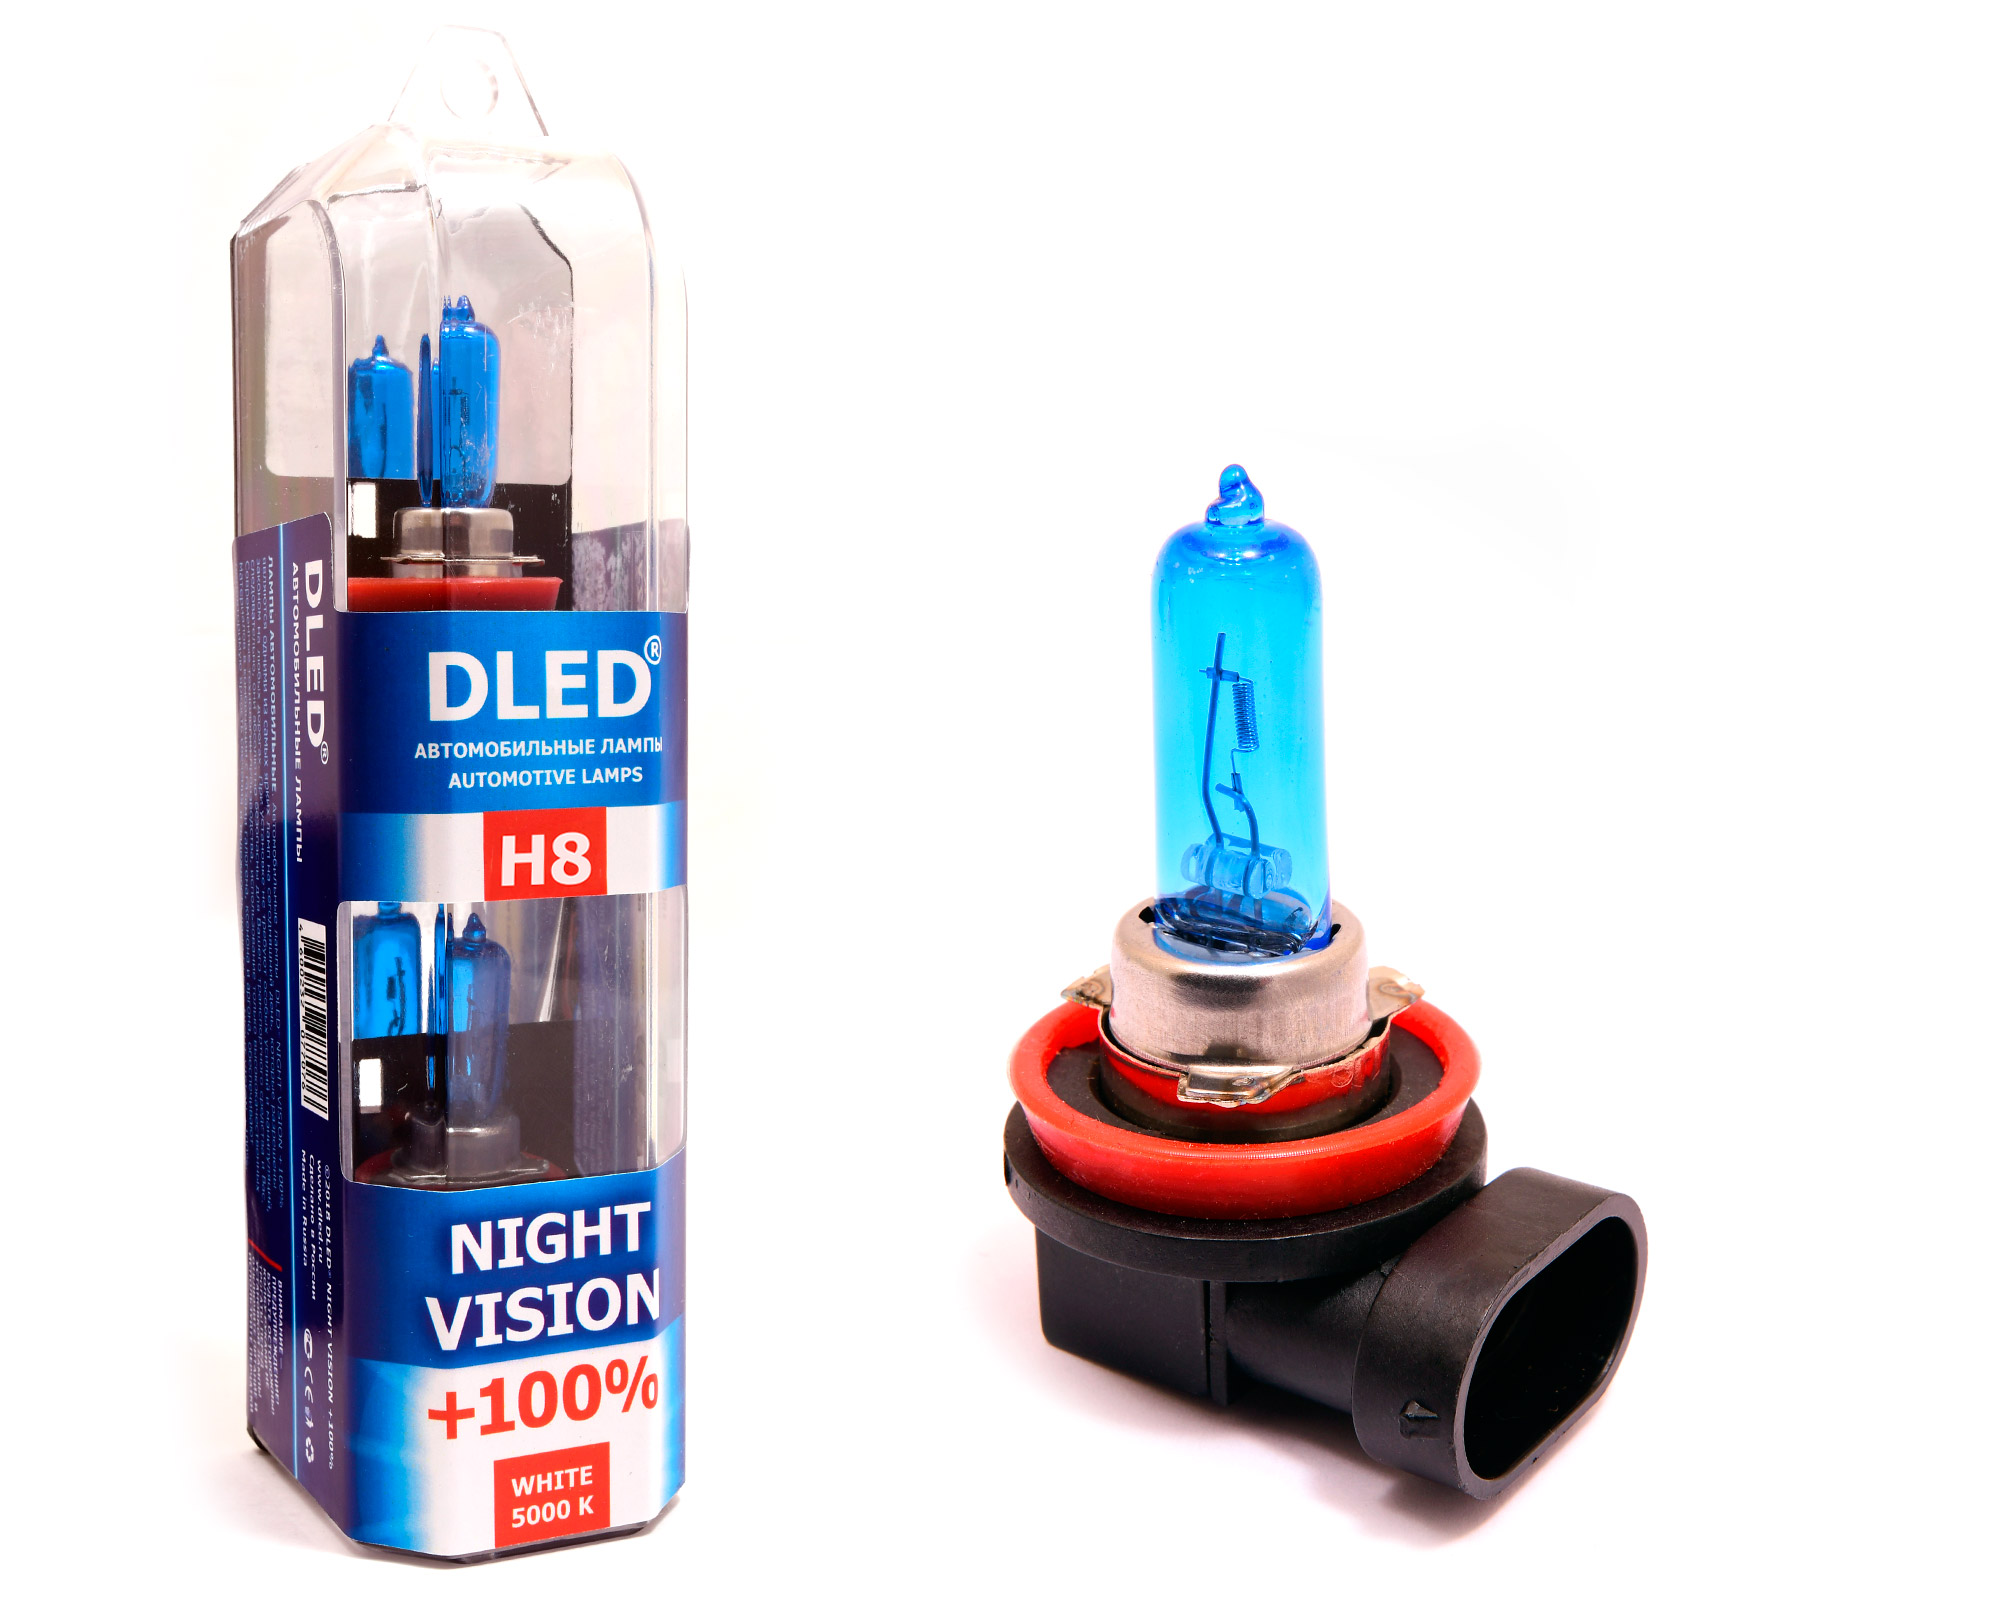 автомобильная лампа H8 5000k Dled Night Vision